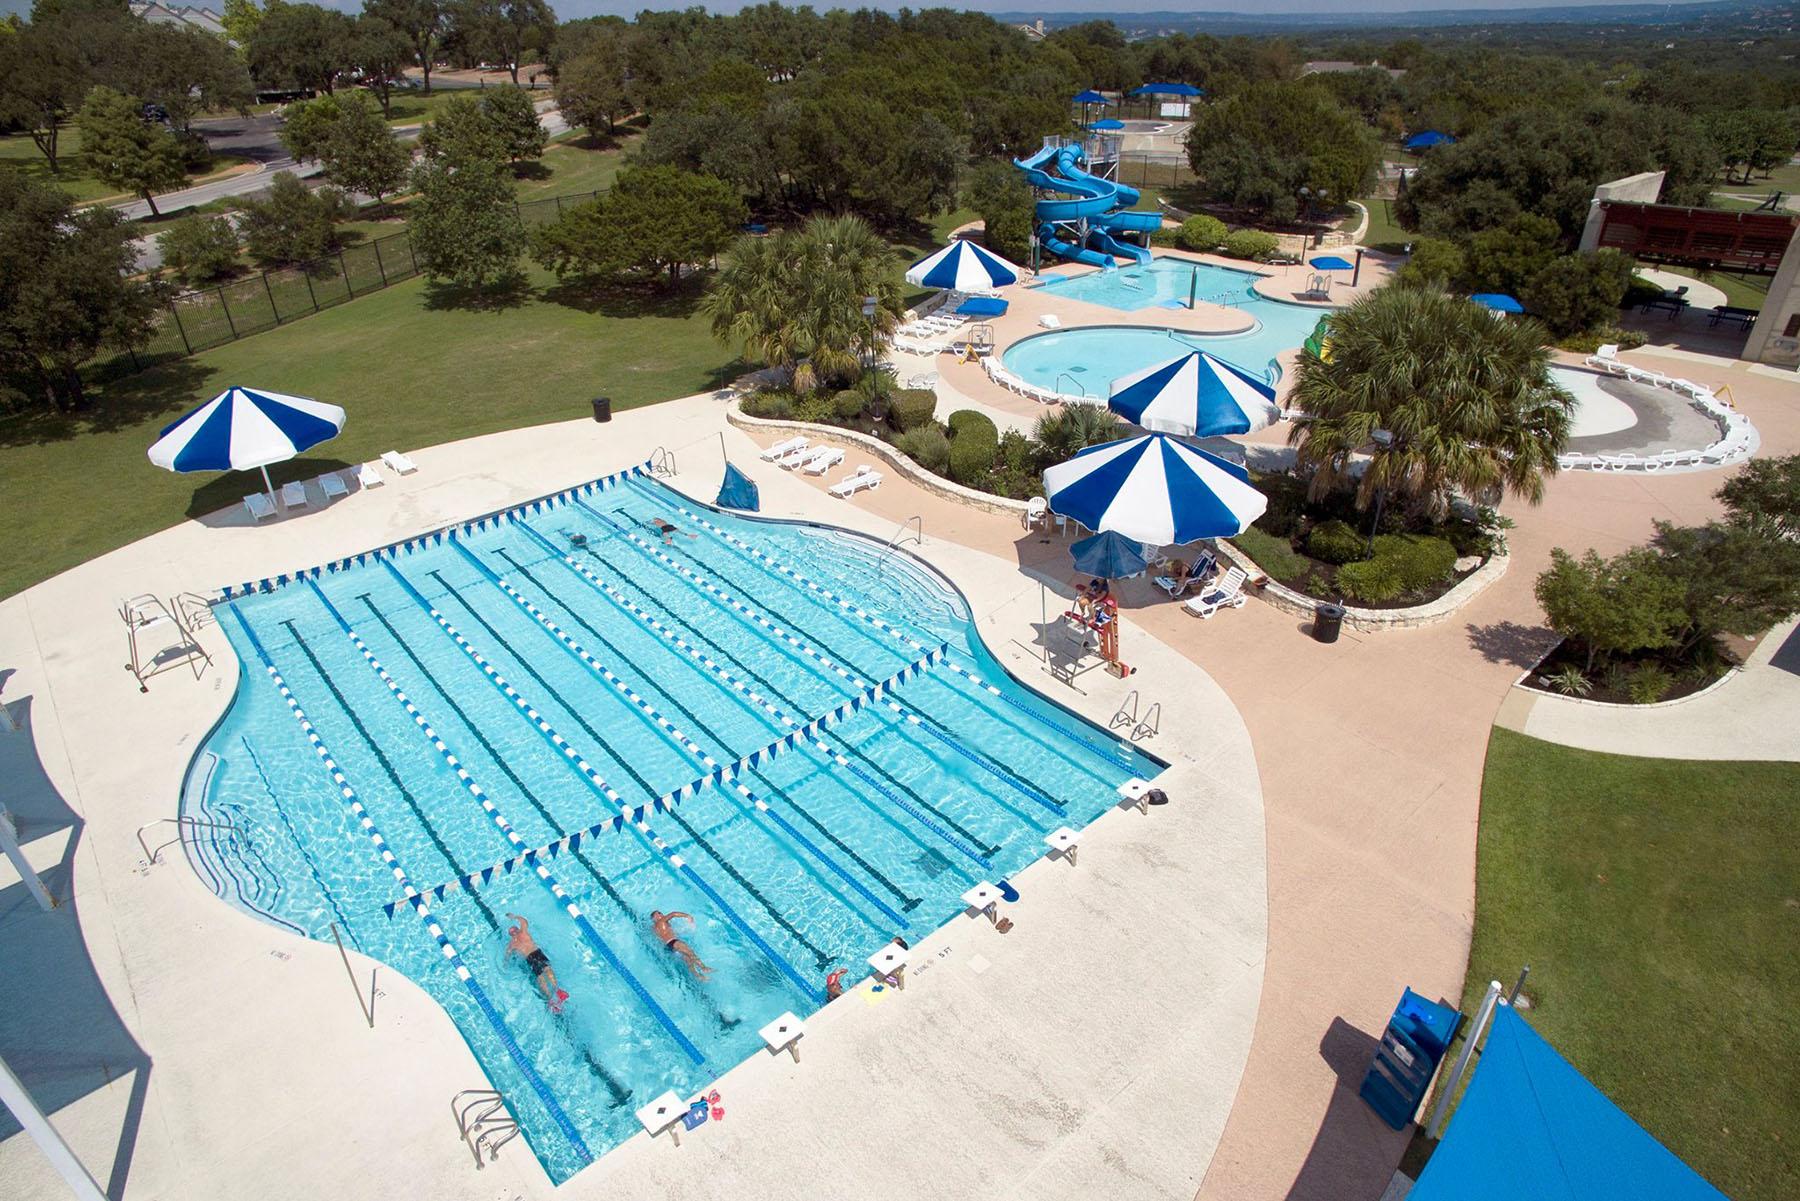 Lakeway Swim Center - Lakeway, TX